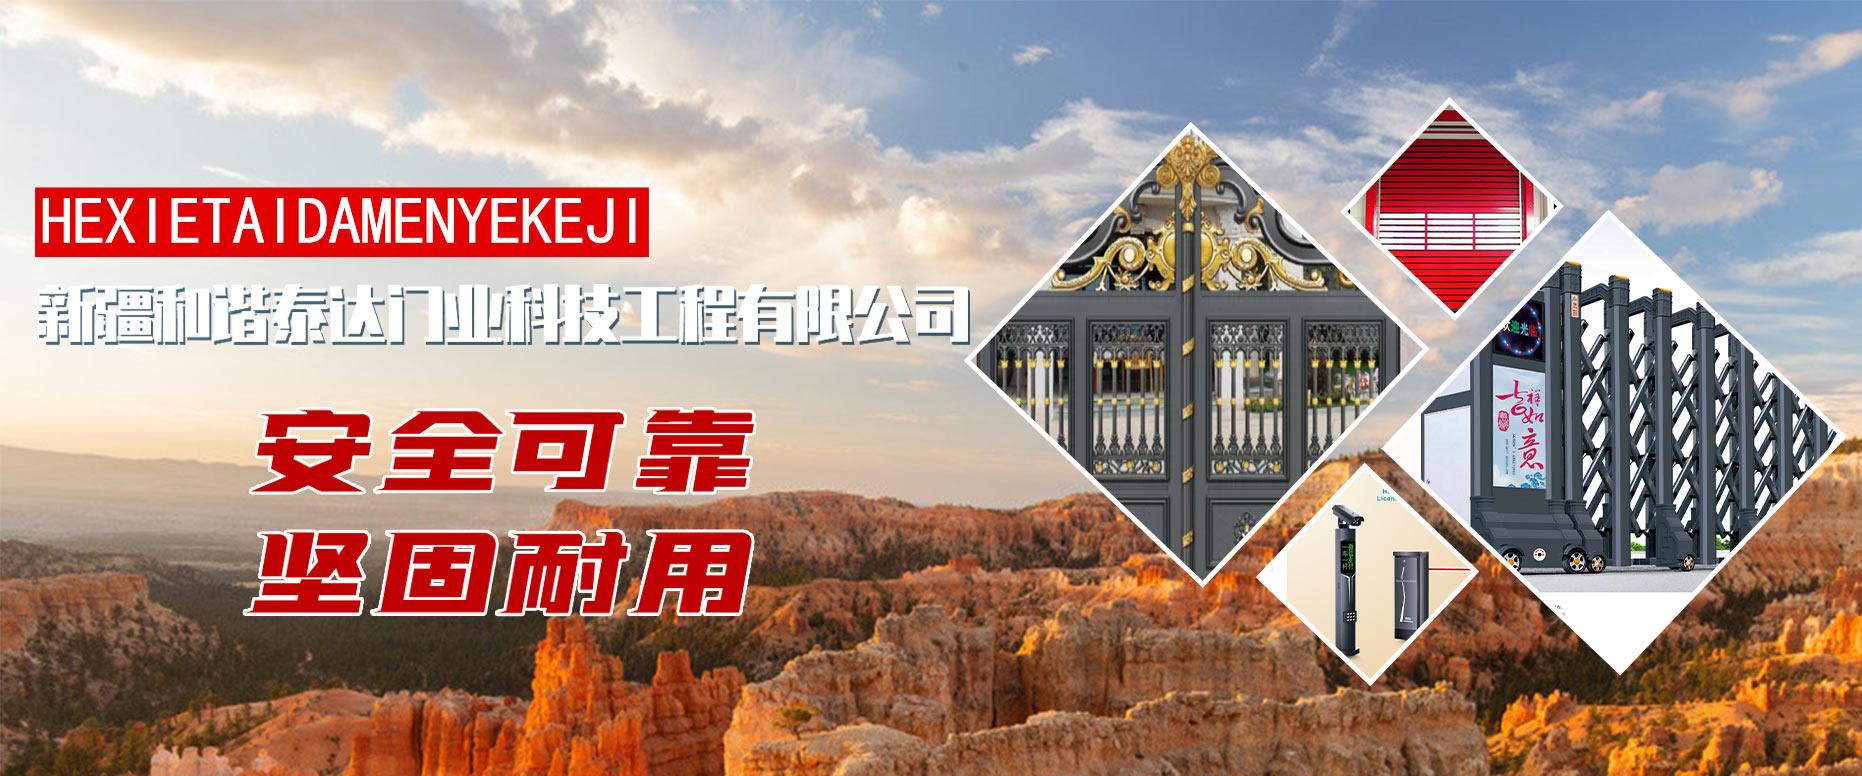 新疆懸浮門,新疆懸浮門廠家,烏魯木齊懸浮門